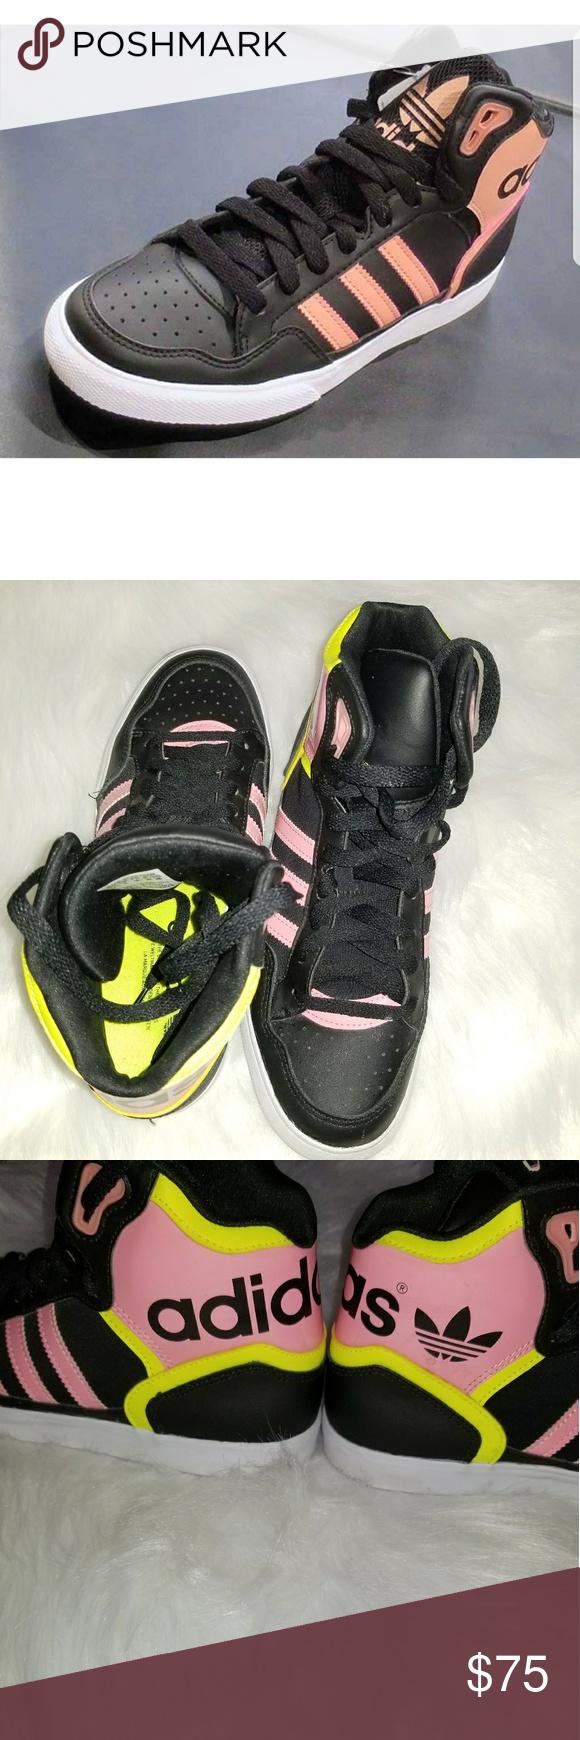 Adidas originali extaball w nero / rosa rosa cp9625 adidas